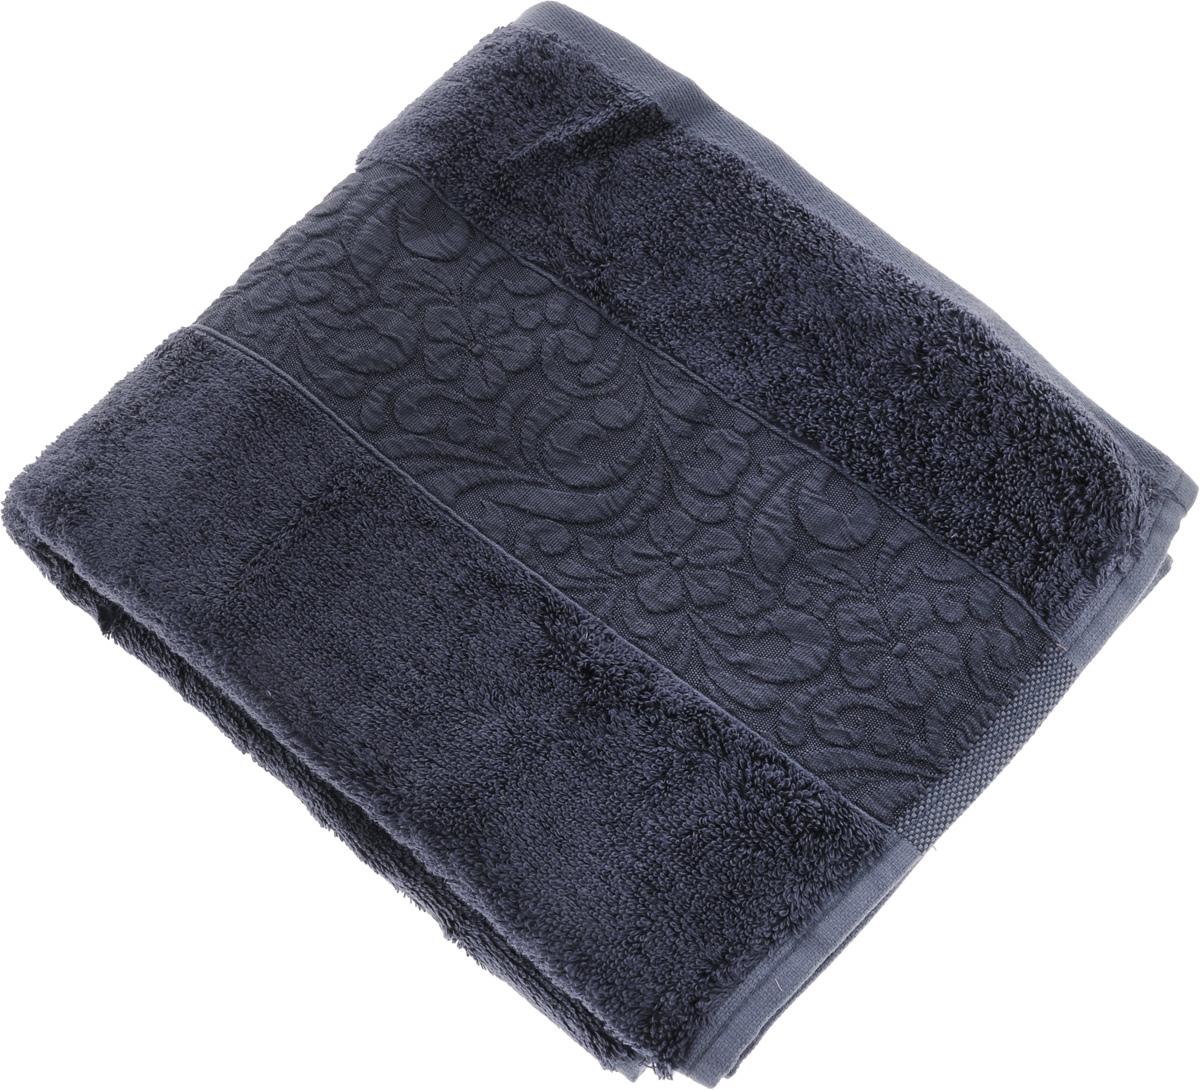 Полотенце бамбуковое Issimo Home Valencia, цвет: темно-синий, 50 x 90 см4812Полотенце Issimo Home Valencia выполнено из 60% бамбукового волокна и 40% хлопка. Таким полотенцем не нужно вытираться - только коснитесь кожи - и ткань сама все впитает. Такая ткань впитывает в 3 раза лучше, чем хлопок. Несмотря на высокую плотность, полотенце быстро сохнет, остается легкими даже при намокании. Изделие имеет красивый жаккардовый бордюр, оформленный цветочным орнаментом. Благородные, классические тона создадут уют и подчеркнут лучшие качества махровой ткани, а сочные, яркие, летние оттенки создадут ощущение праздника и наполнят дом энергией. Красивая, стильная упаковка этого полотенца делает его уже готовым подарком к любому случаю.